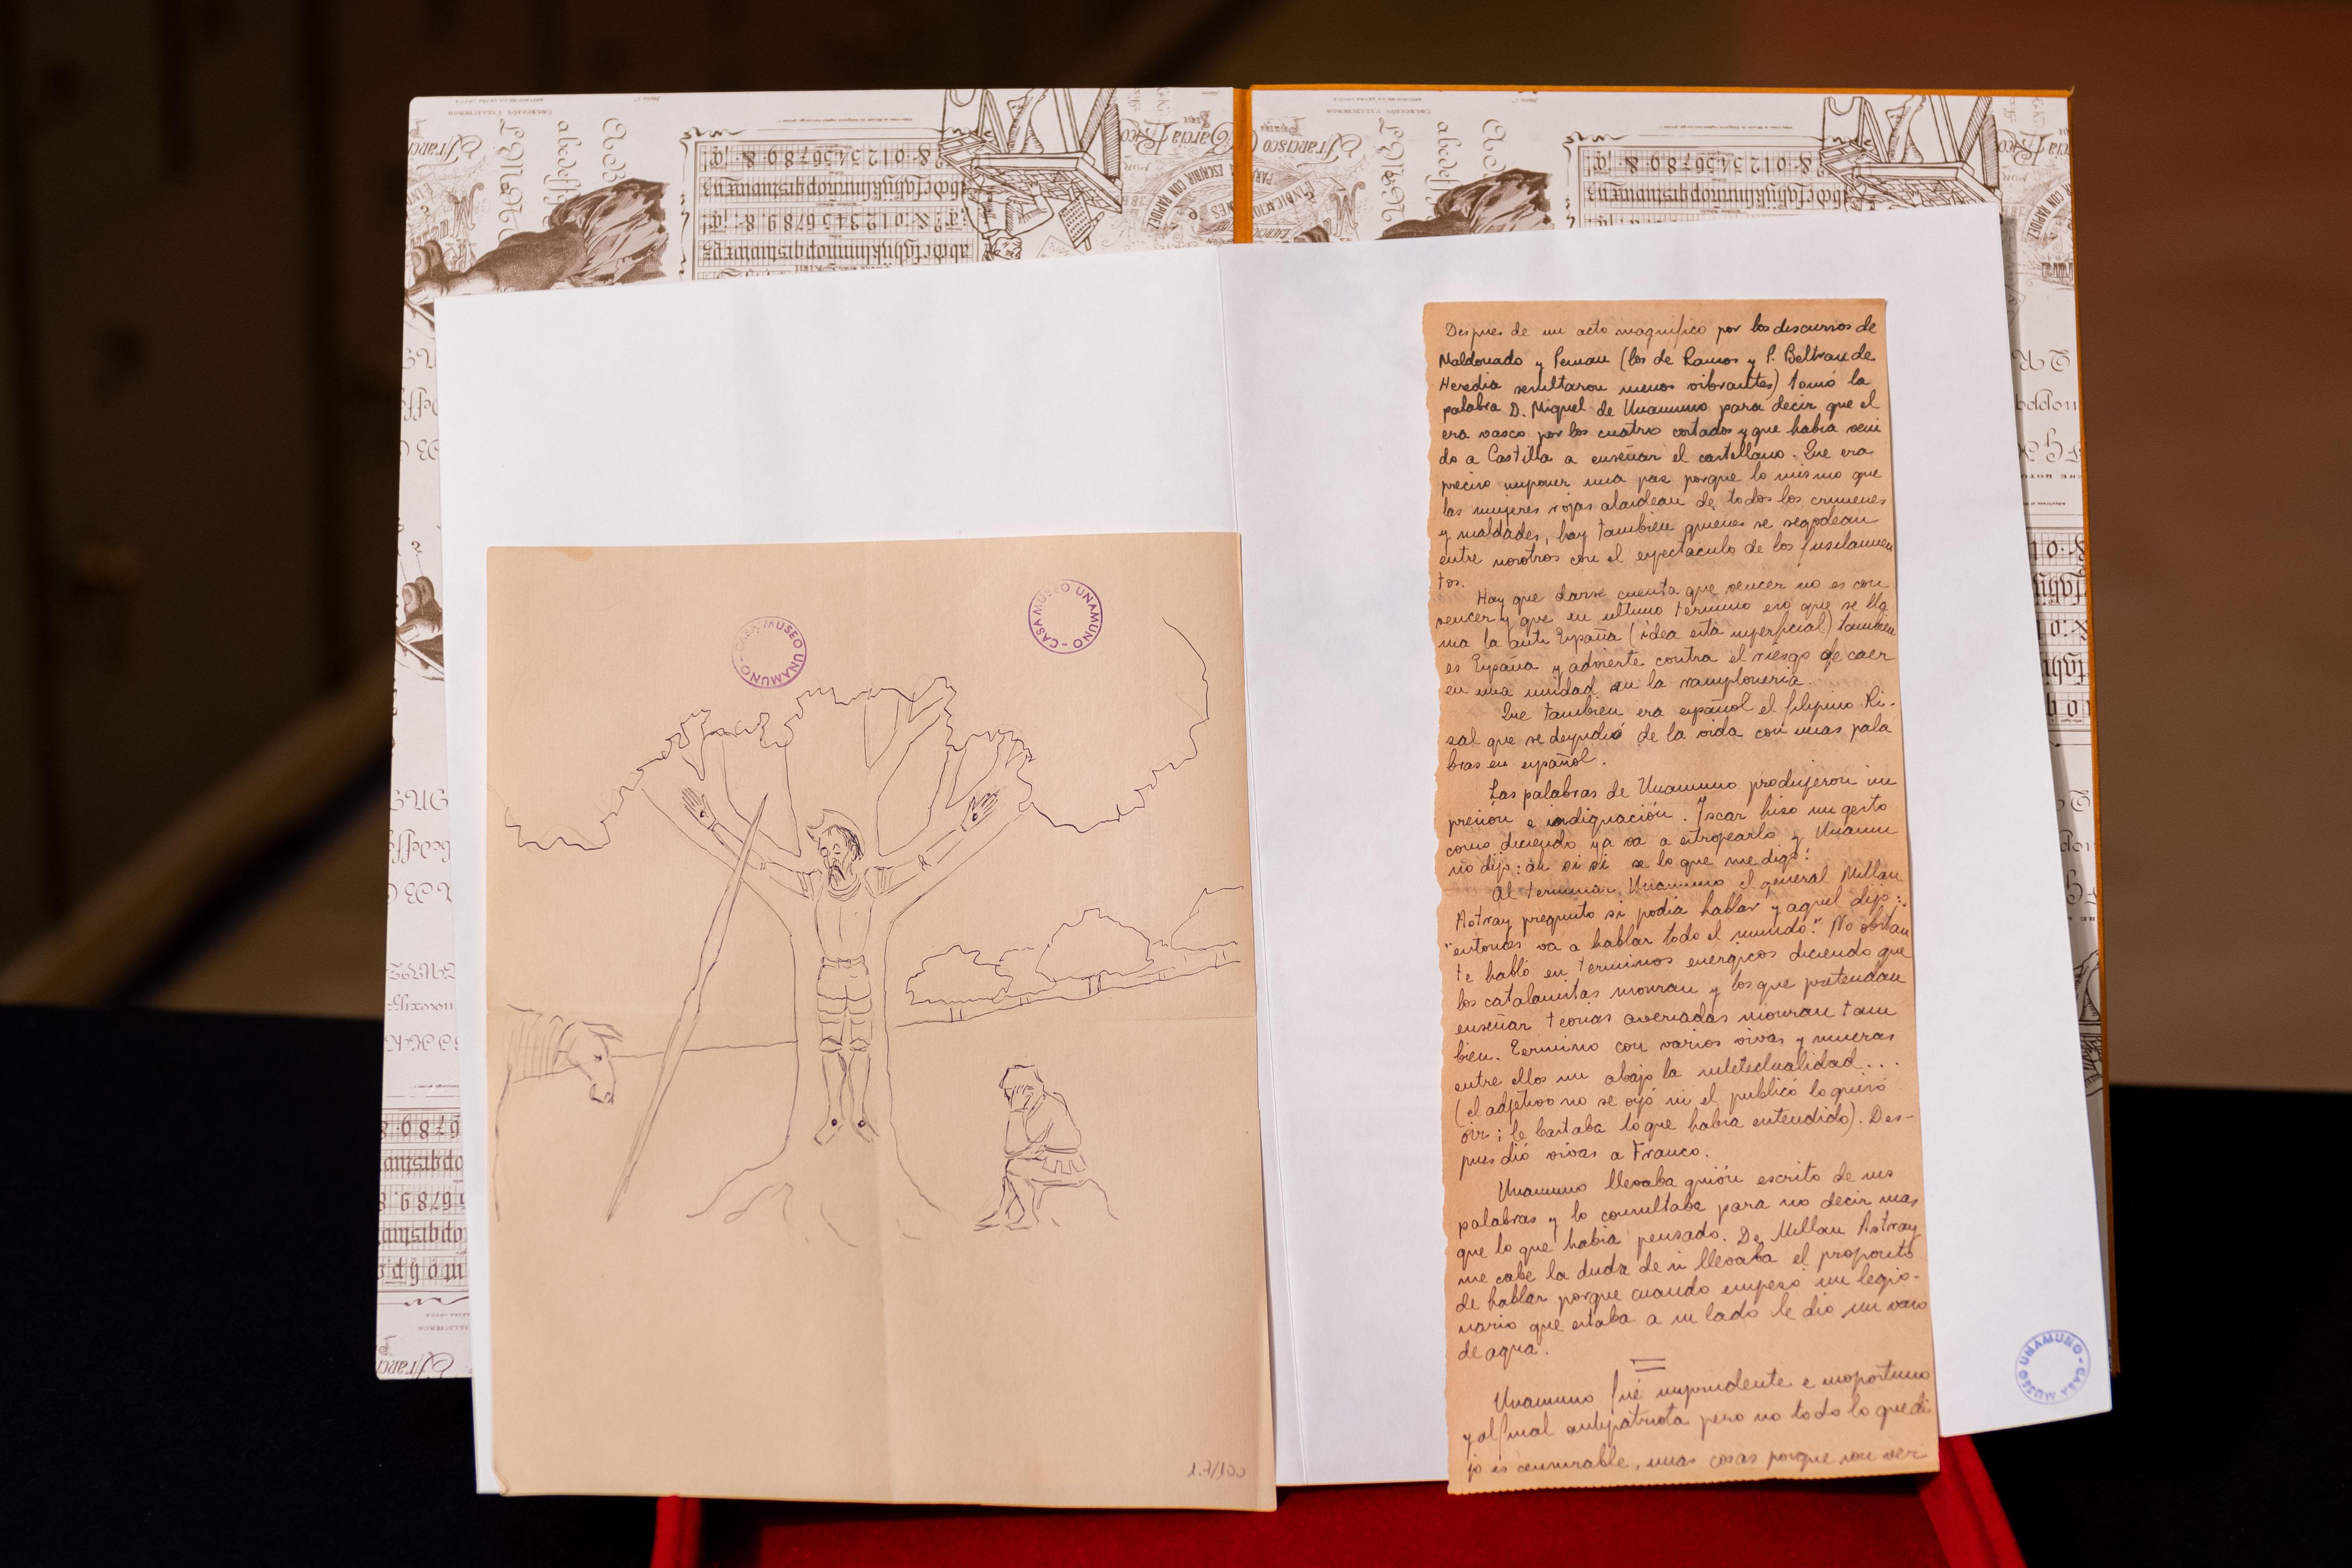 La Caja de las Letras del Instituto Cervantes recibe como legado «in memoriam» una muestra documental de Miguel de Unamuno